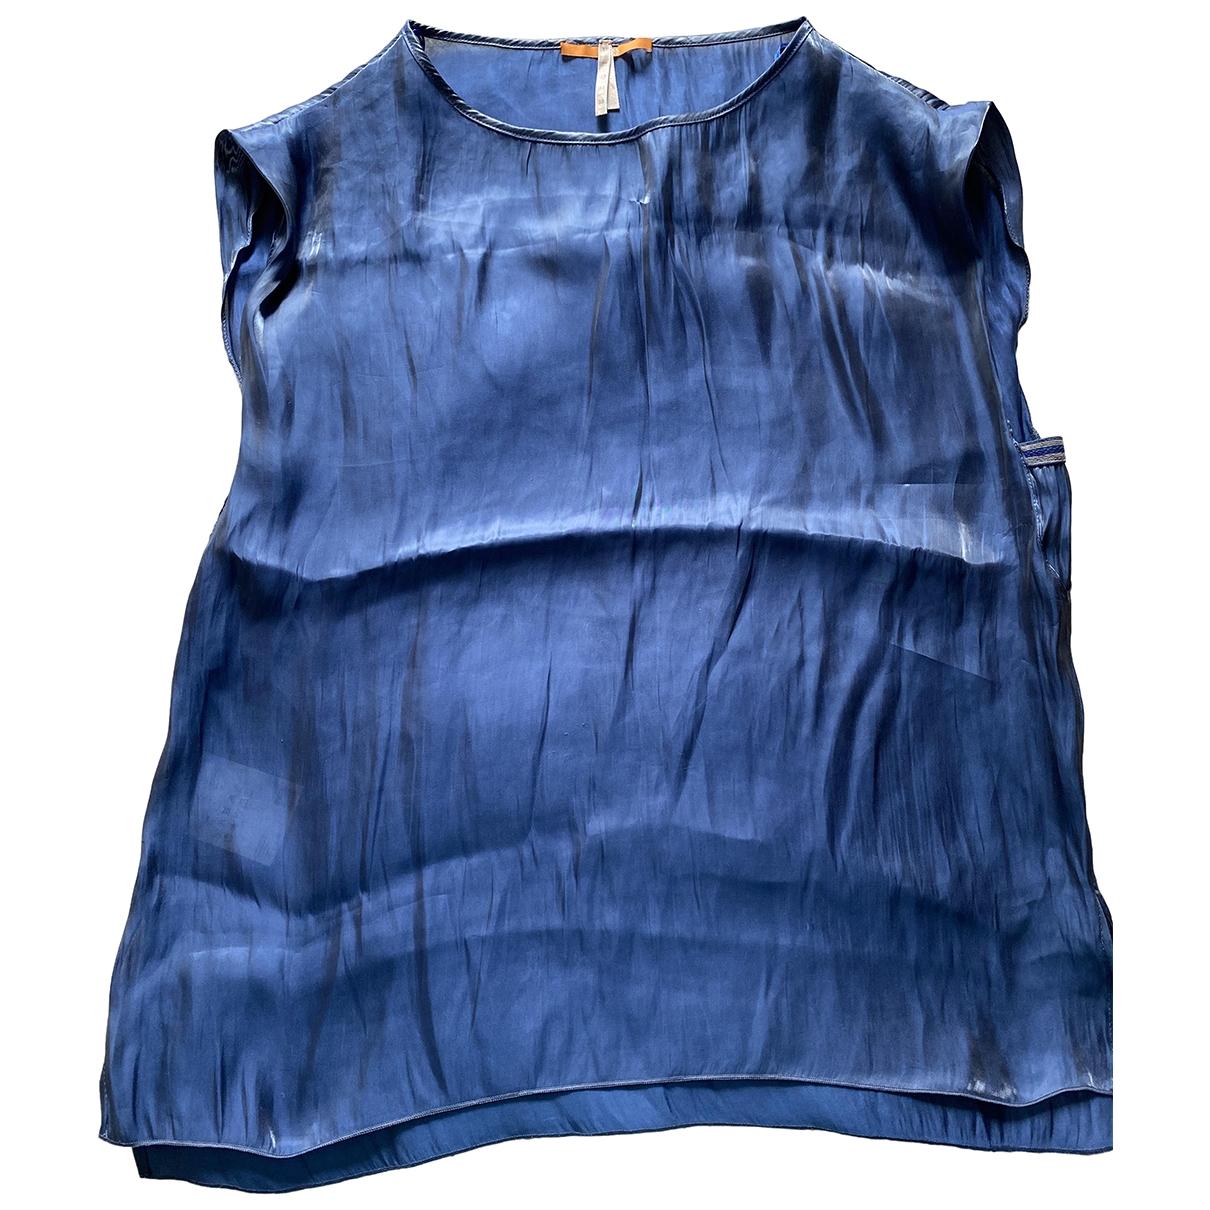 Boss Orange \N Top in  Blau Polyester